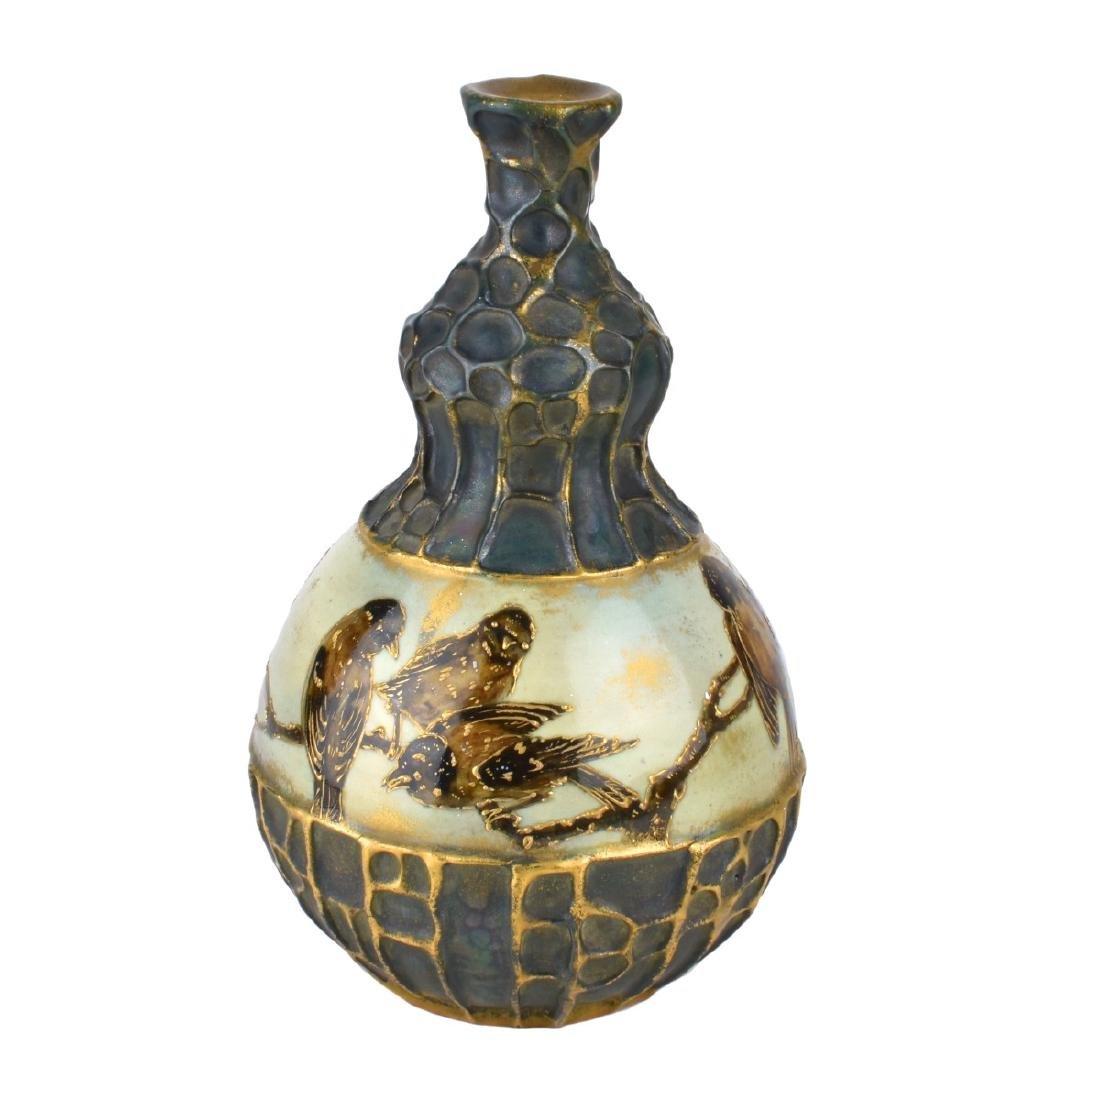 Turn Teplitz Double Gourd Vase